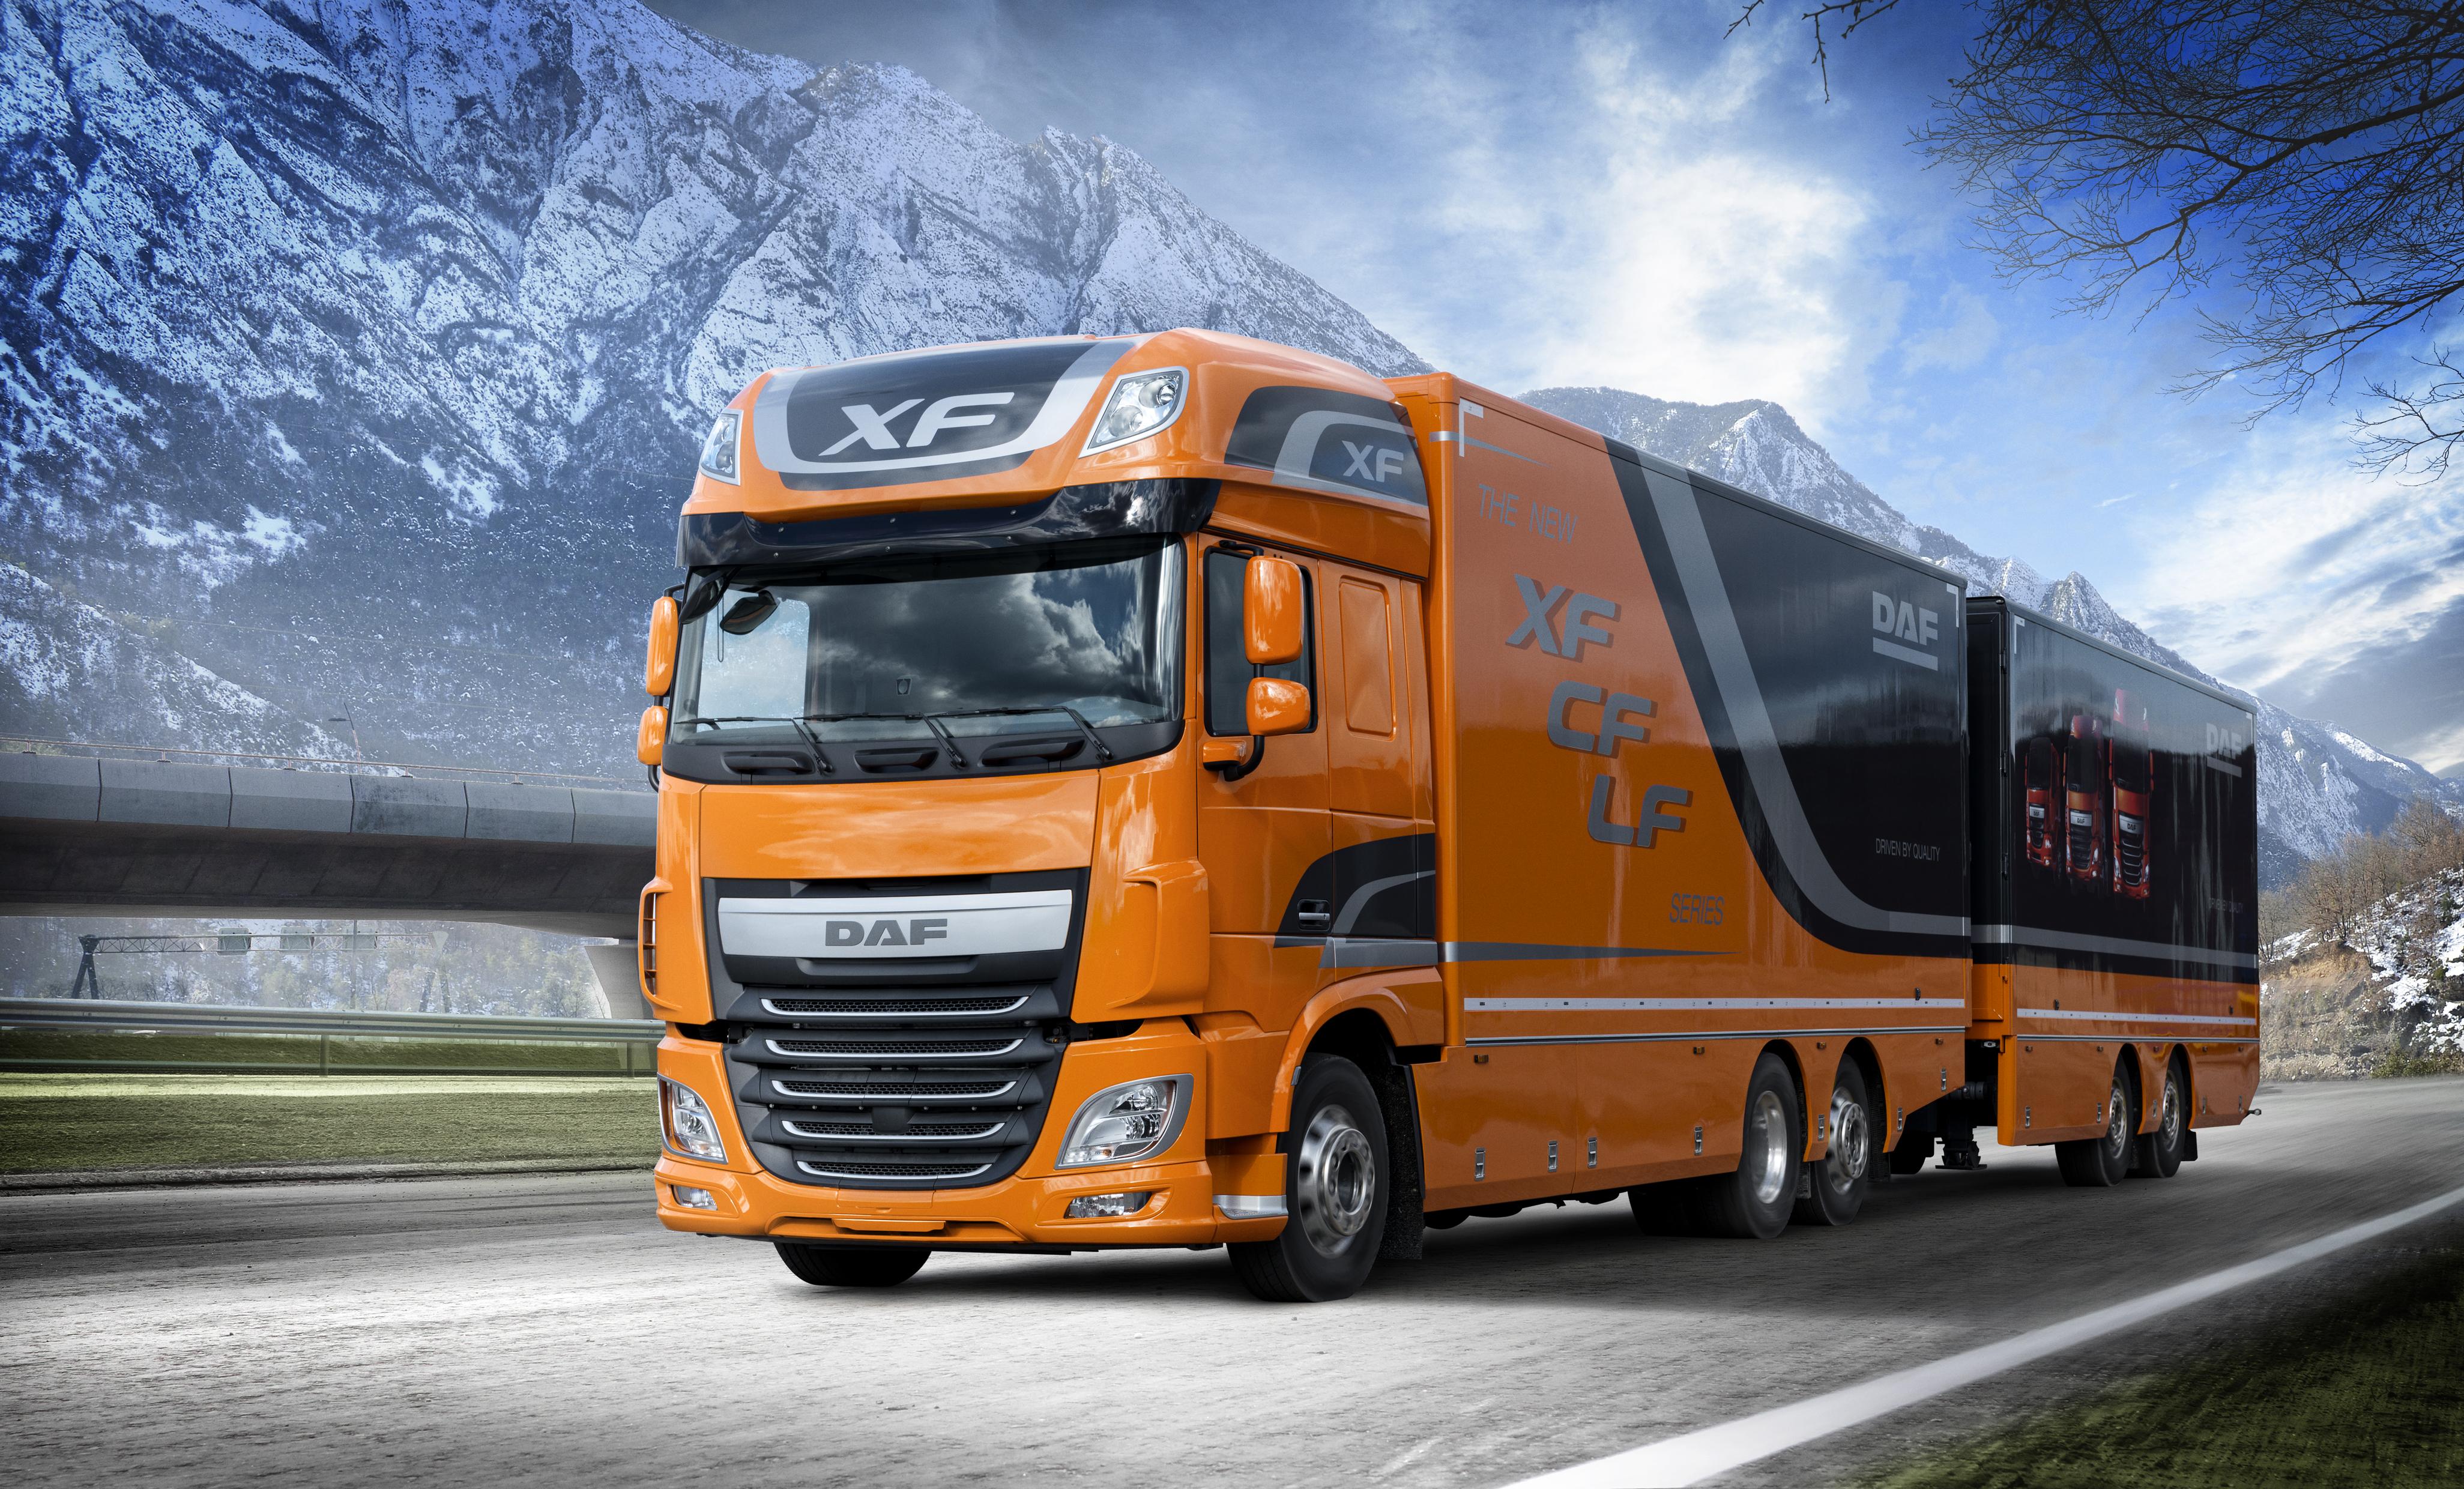 DAF Trucks at IAA 2016 in Hanover - DAF on the IAA 2016